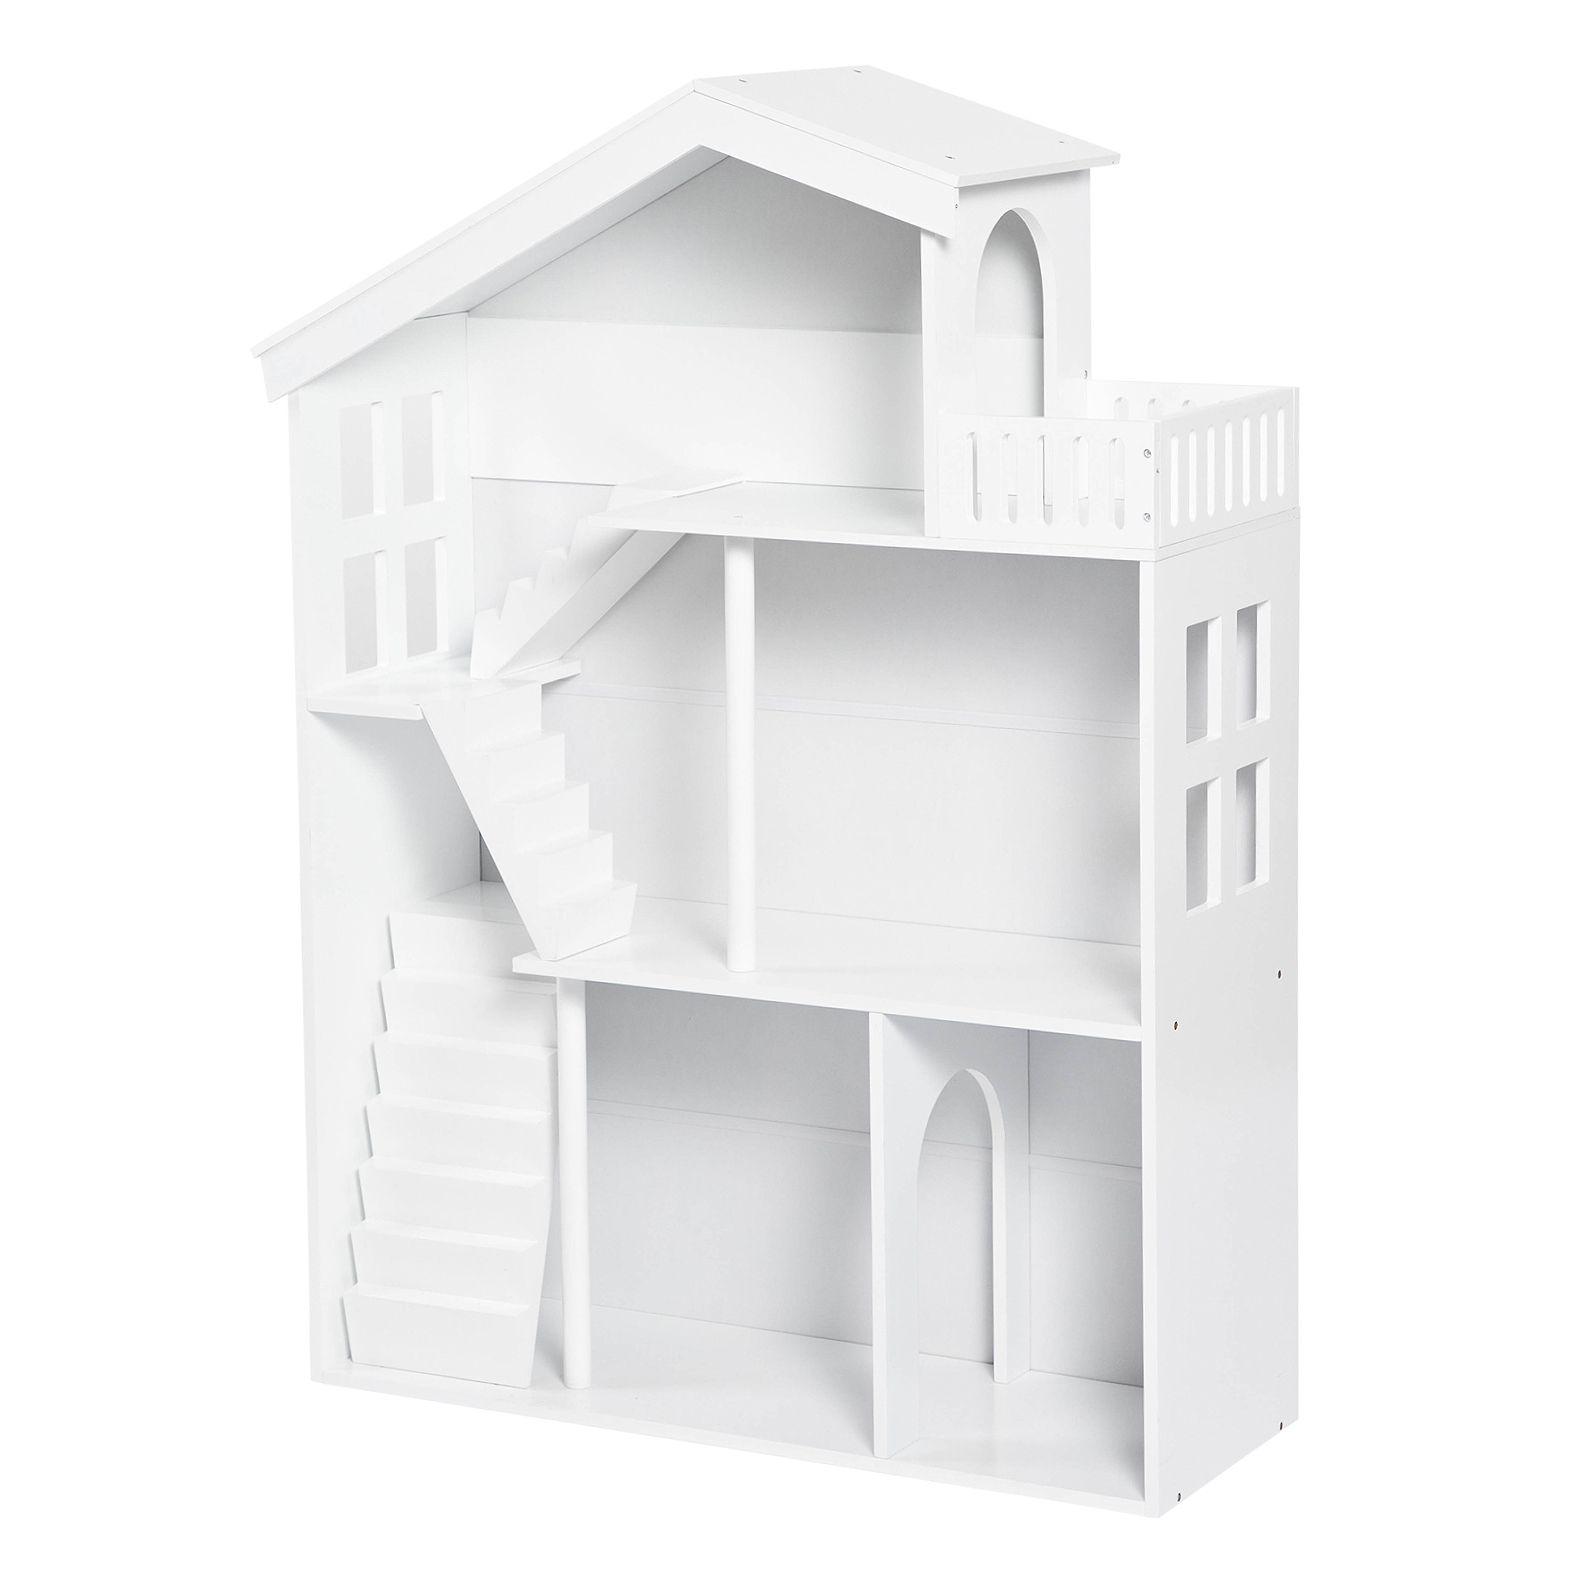 Kinderzimmer Puppenhausregal Aus Holz Weiss Ca 82x116cm Kinder Zimmer Regal Kinderzimmer Kinderzimmer